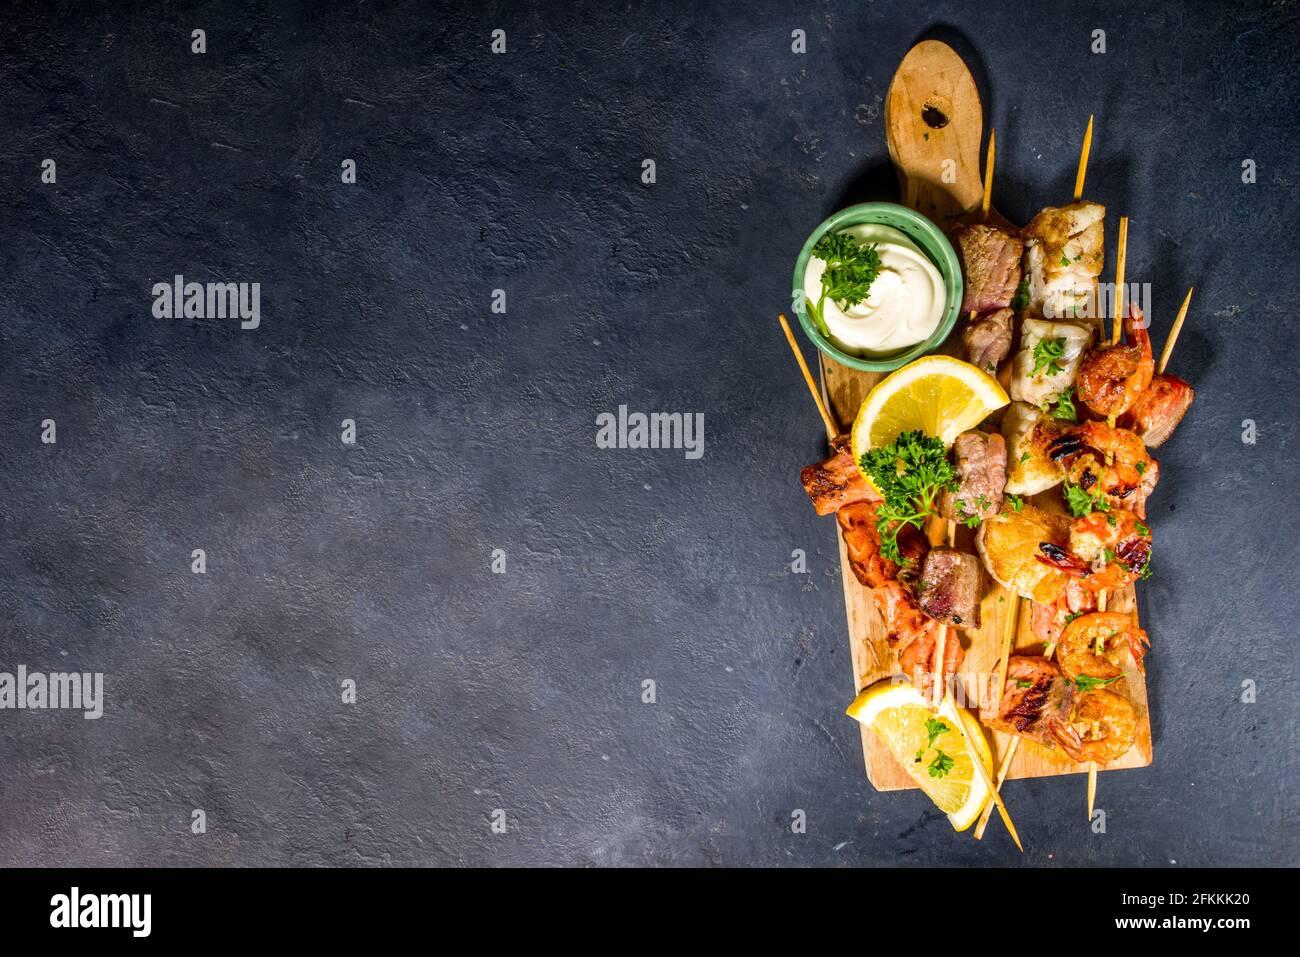 Assortimento barbecue vari piatti mediterranei alla griglia - pesce, gamberi, granchio, cozze, kebab con salse, sfondo nero in calcestruzzo, sopra lo spazio di copia Foto Stock